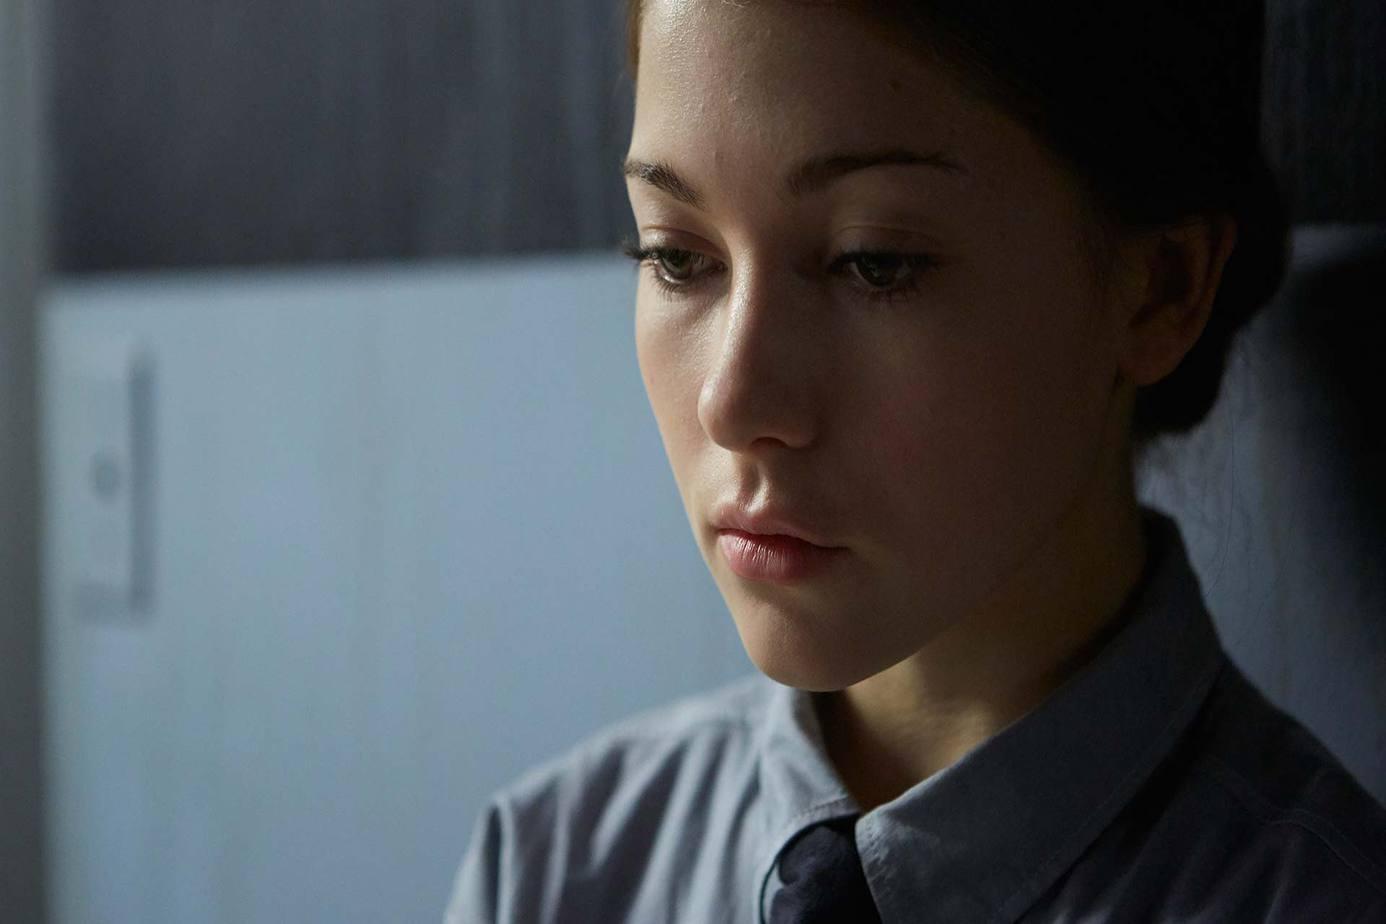 致命青春 - 電影線上看 - friDay影音